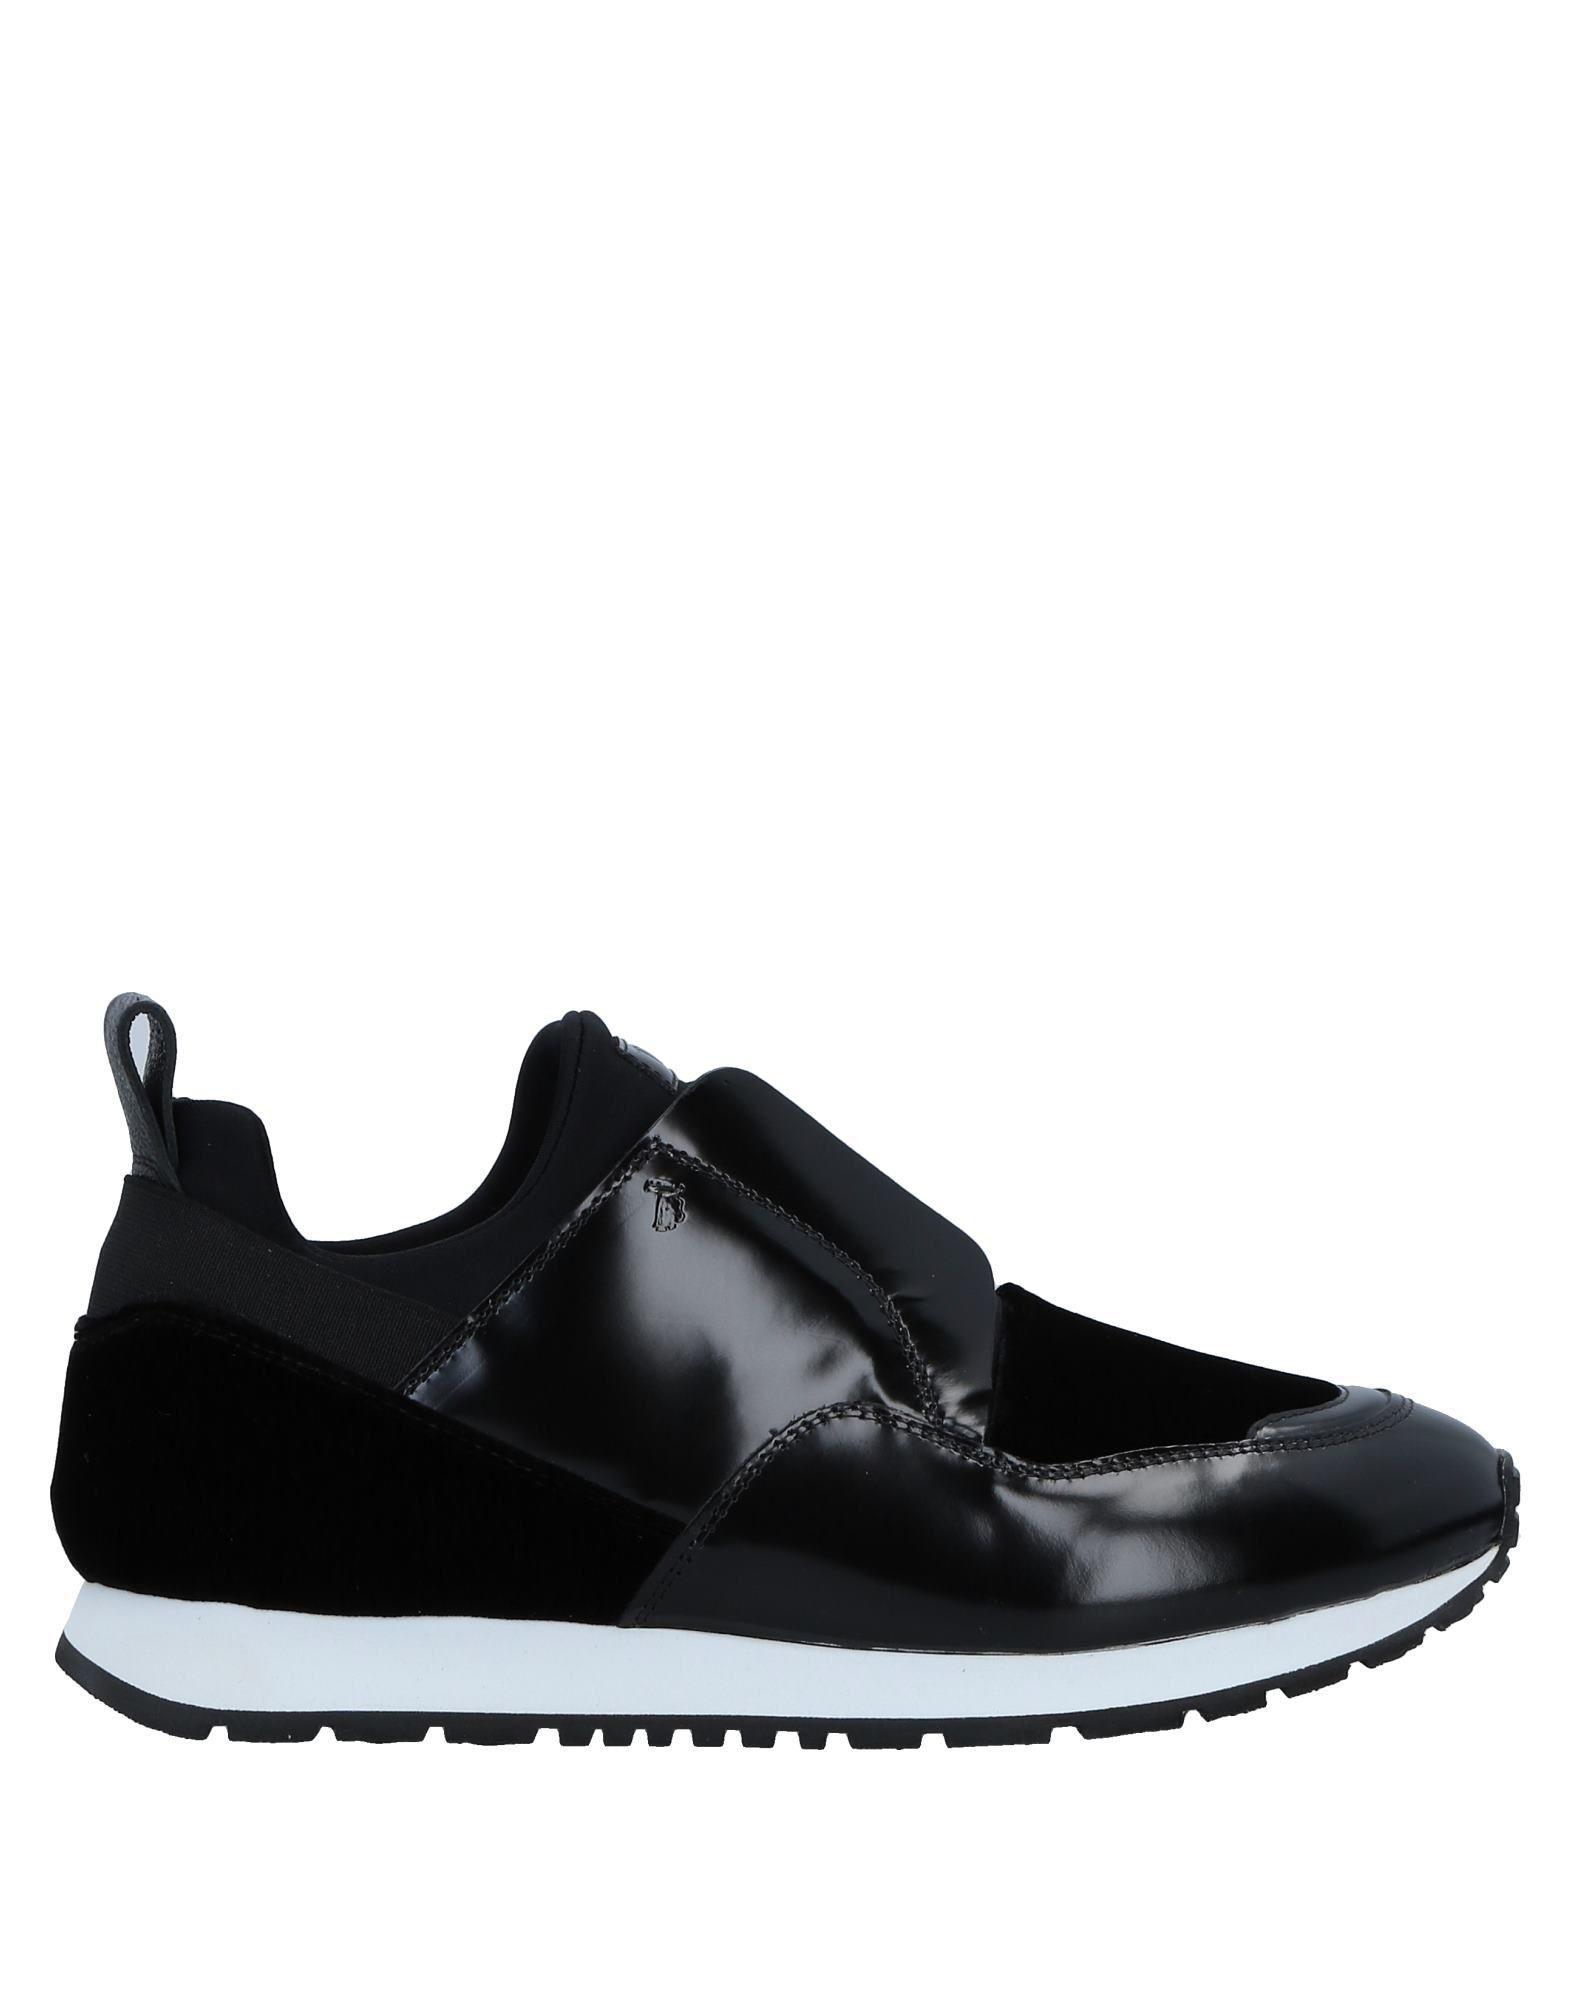 Scarpe economiche e resistenti Sneakers Tod's Donna - 11542195VM